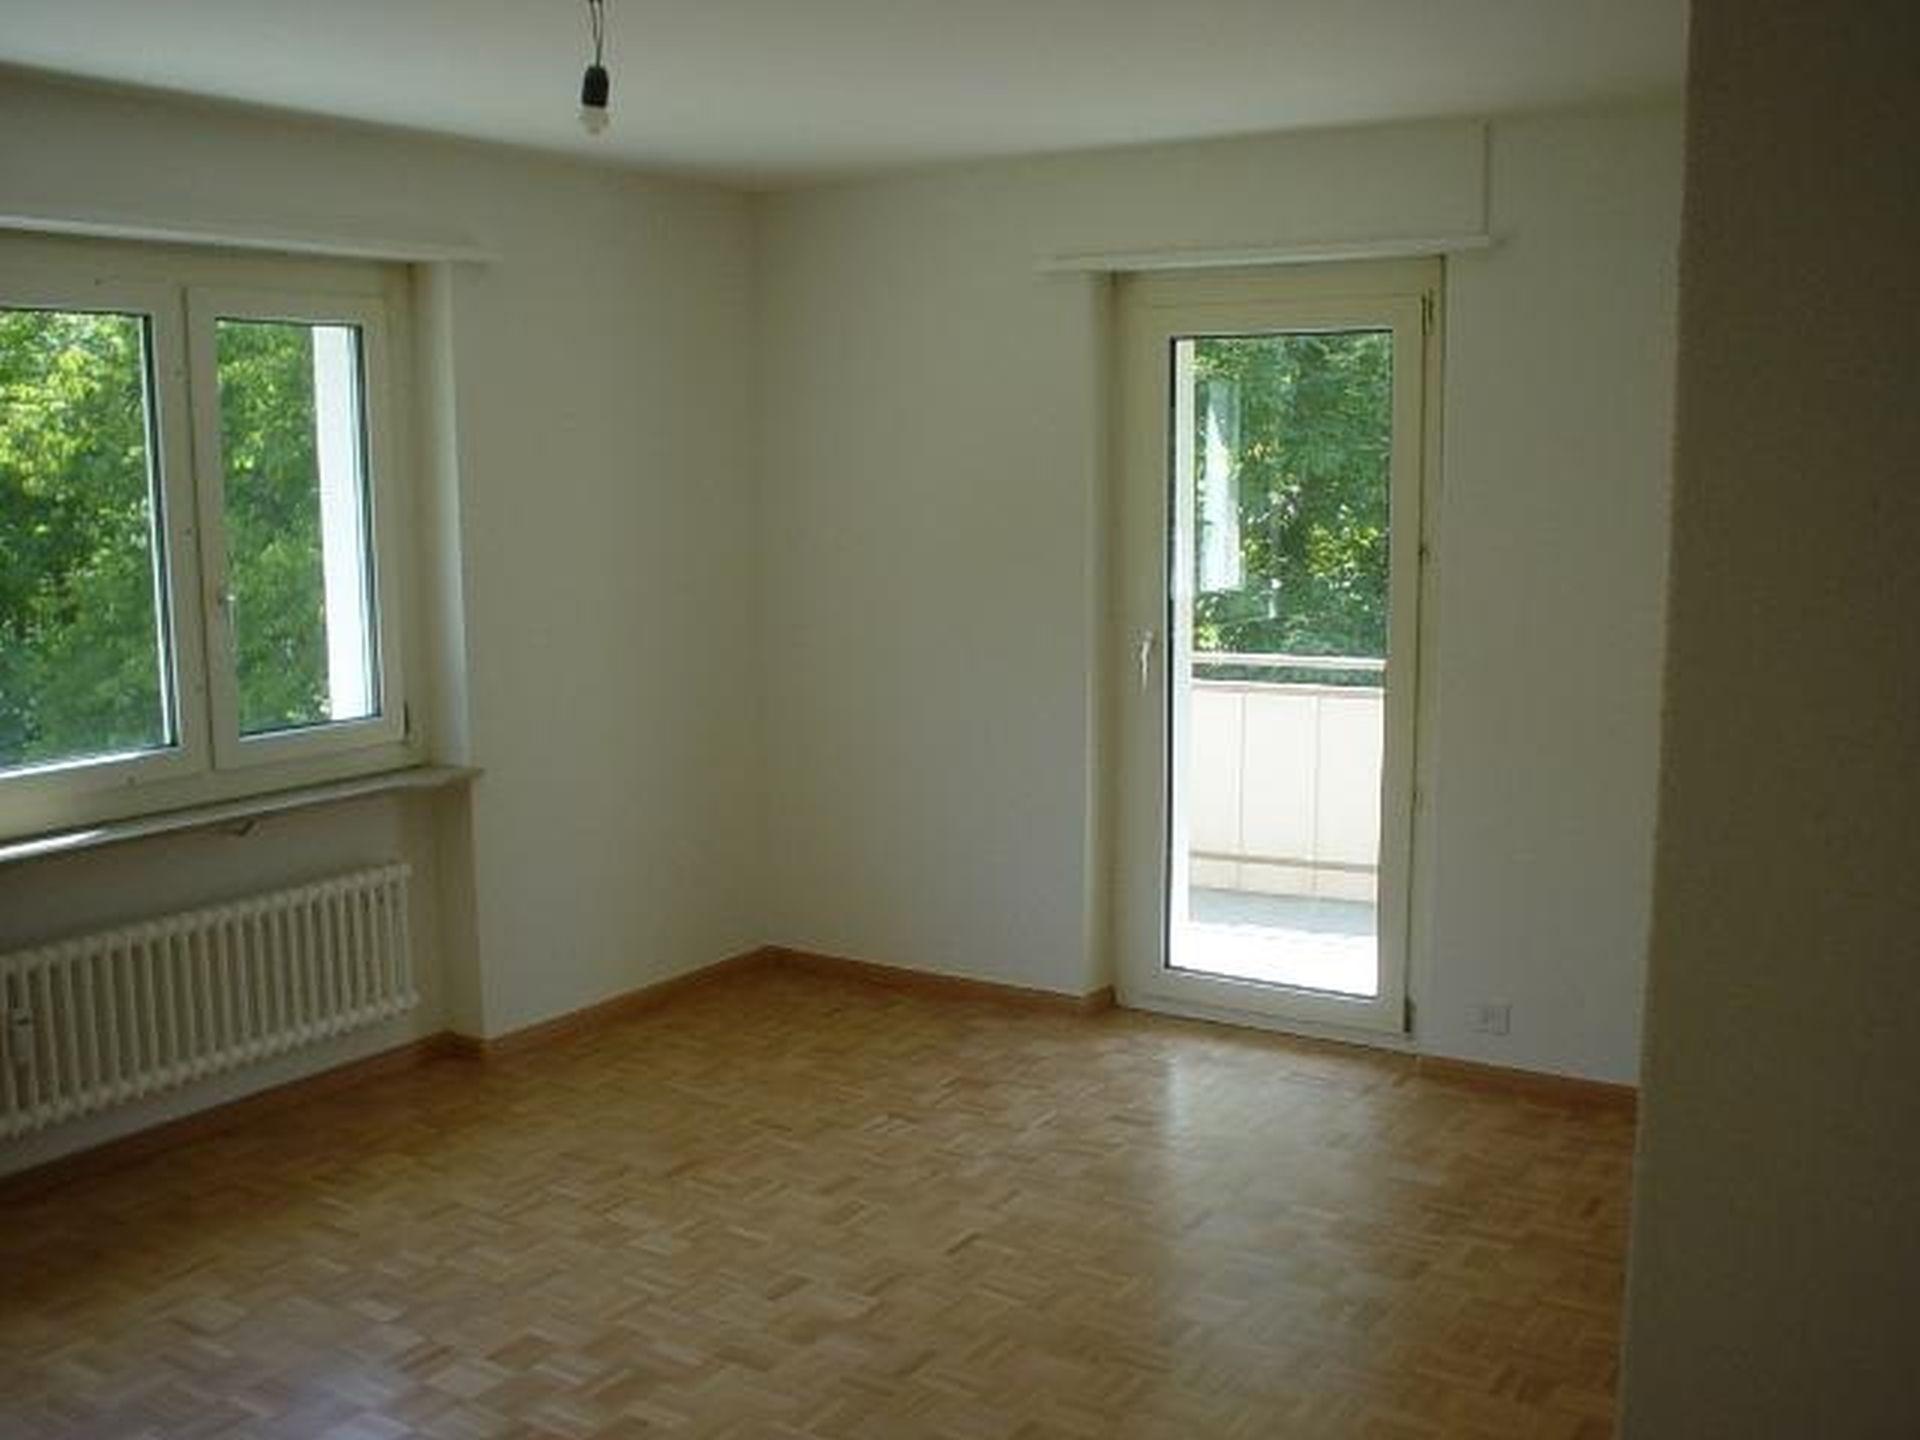 zentrales wohnen zum fairen preis stadt land. Black Bedroom Furniture Sets. Home Design Ideas